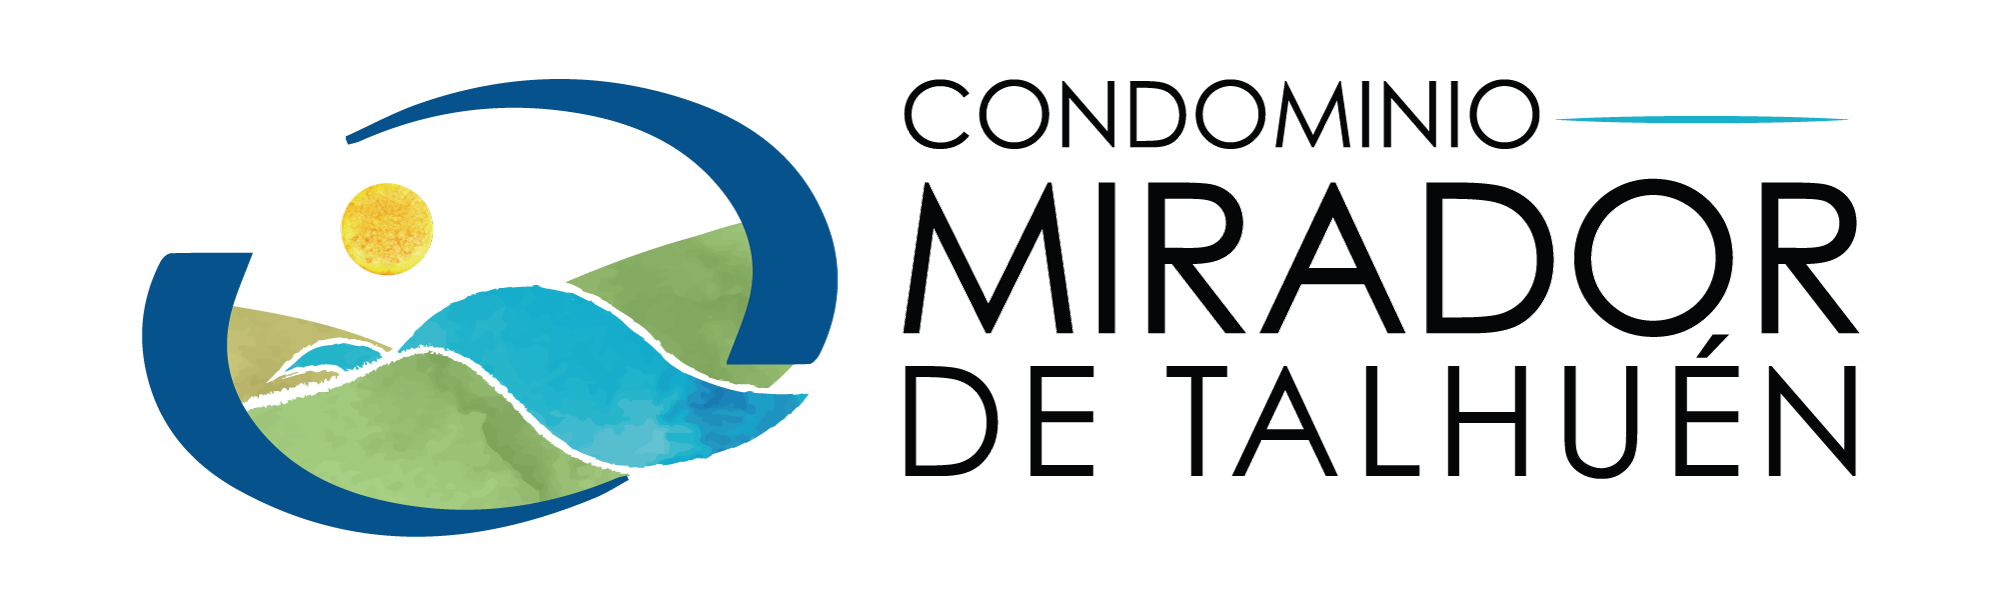 logos-mirador-del-taihuen-transparente-letras-negras